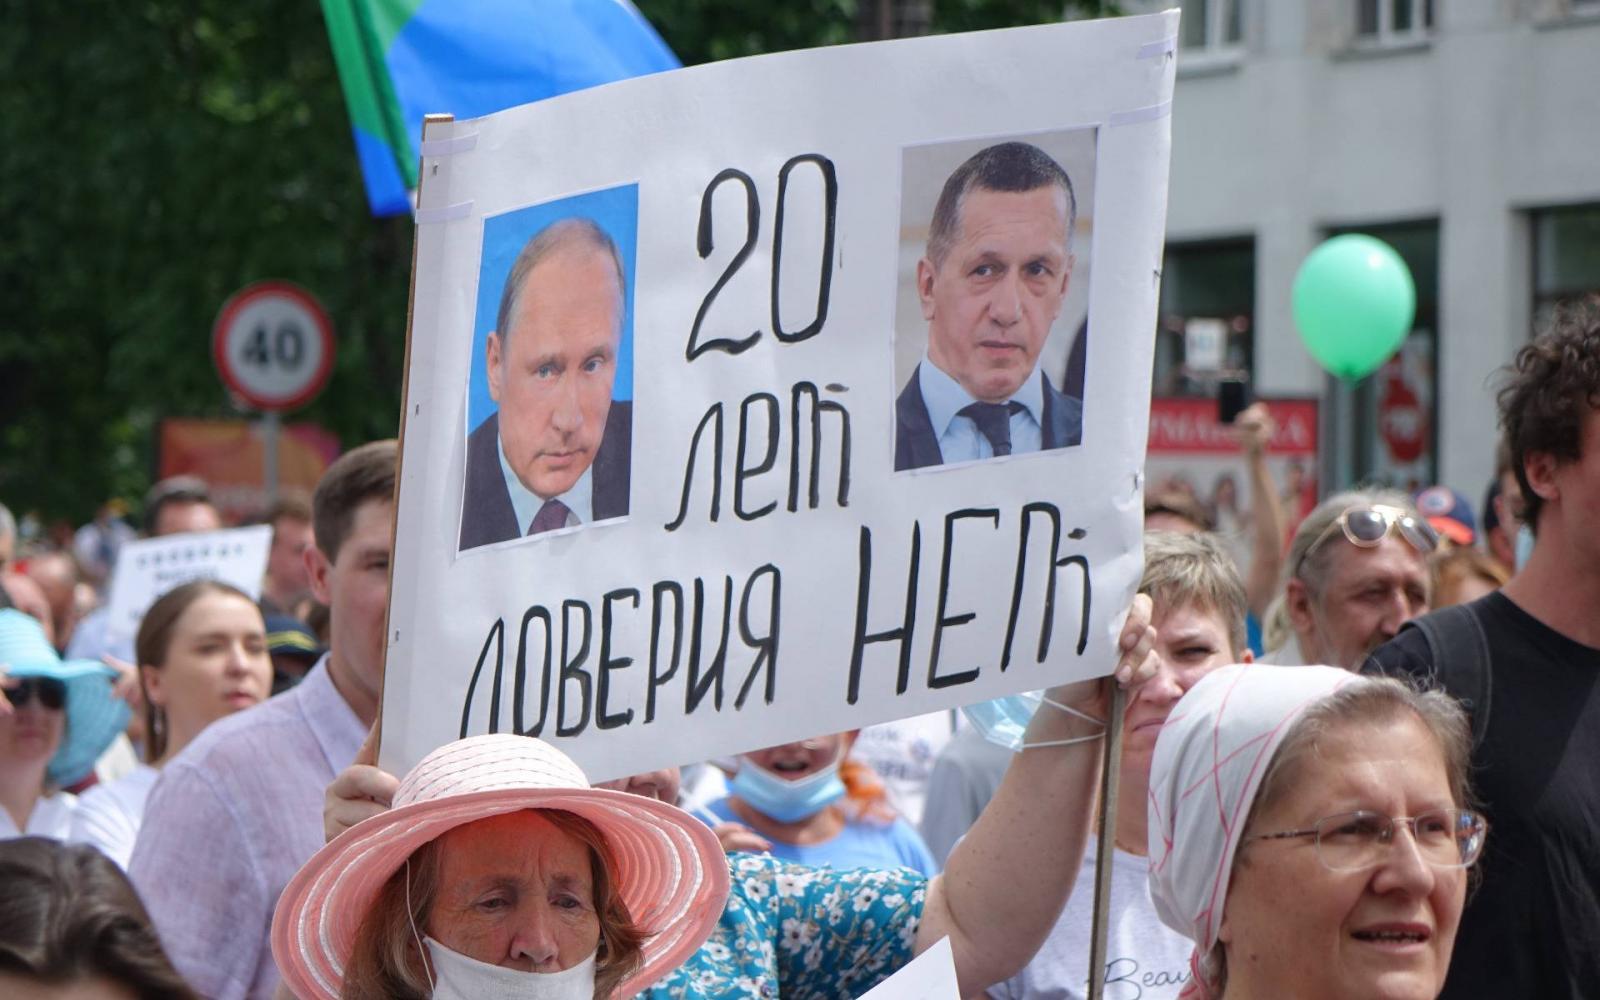 semmi vesztenivaló kövér aktivista)